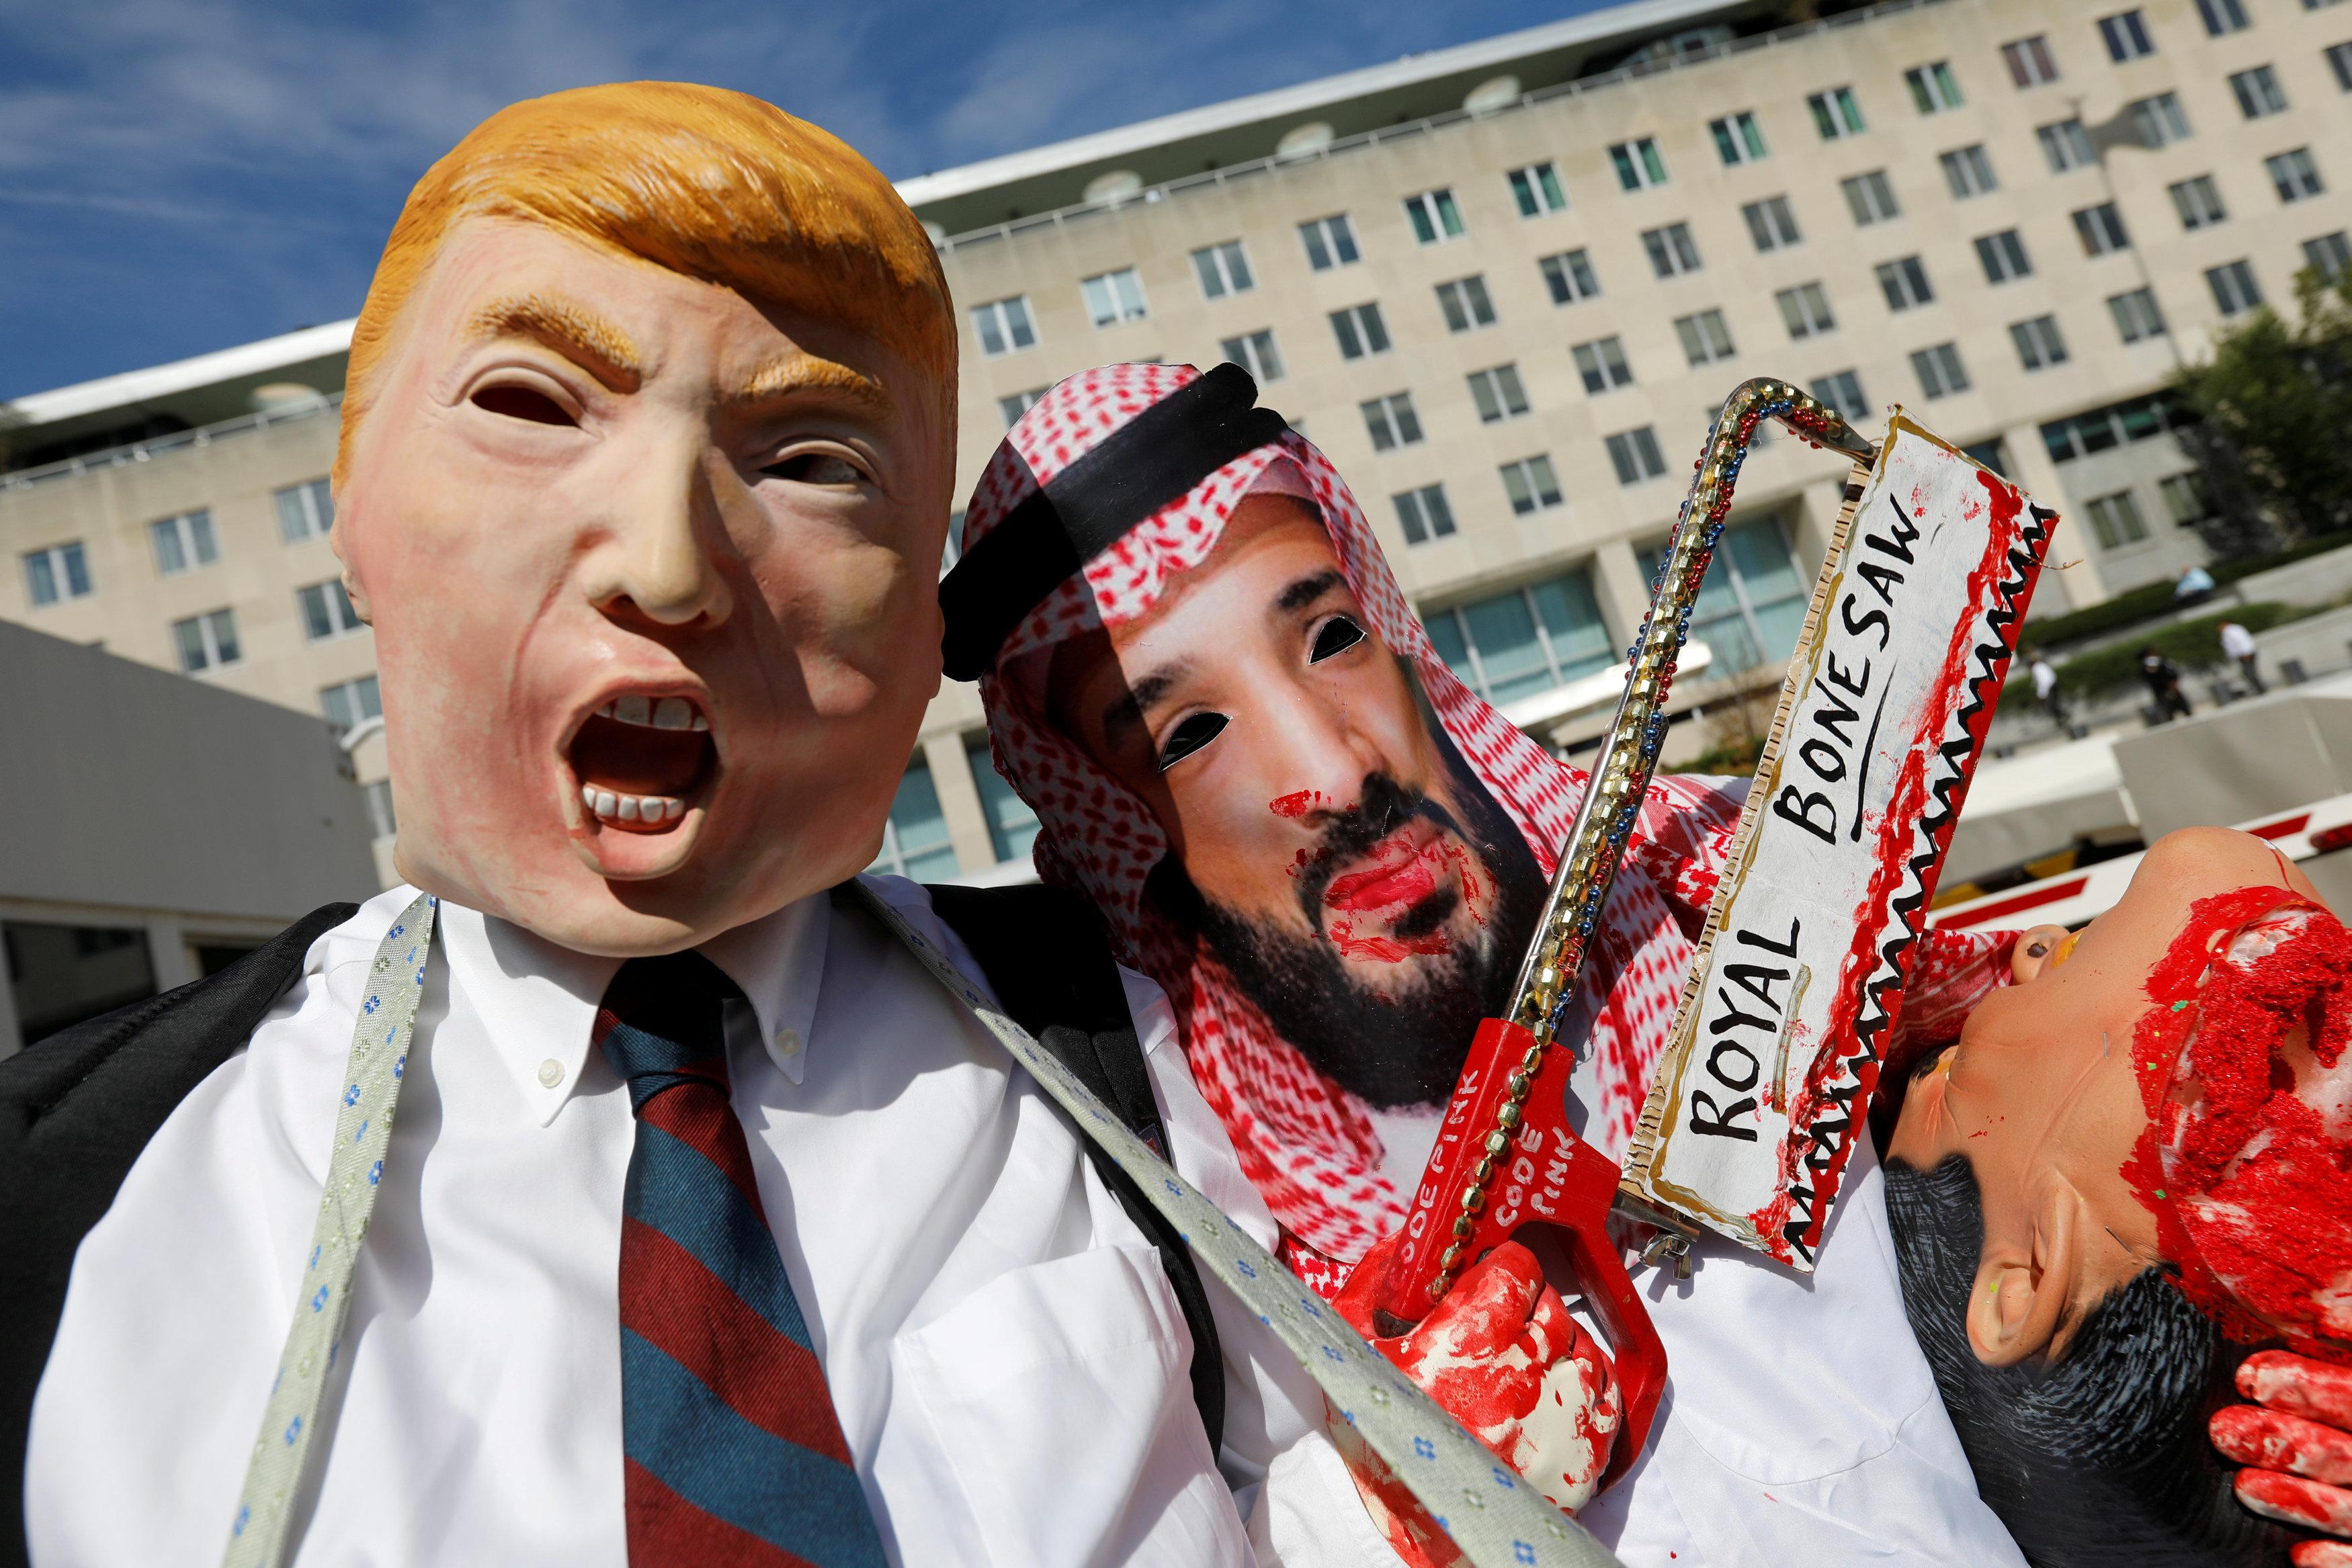 Η Σαουδική Αραβία αποδίδει τον θάνατο Κασόγκι σε απλή «αψιμαχία» με 18 άτομα και ο Τραμπ σπεύδει να βαφτίσει αξιόπιστη την